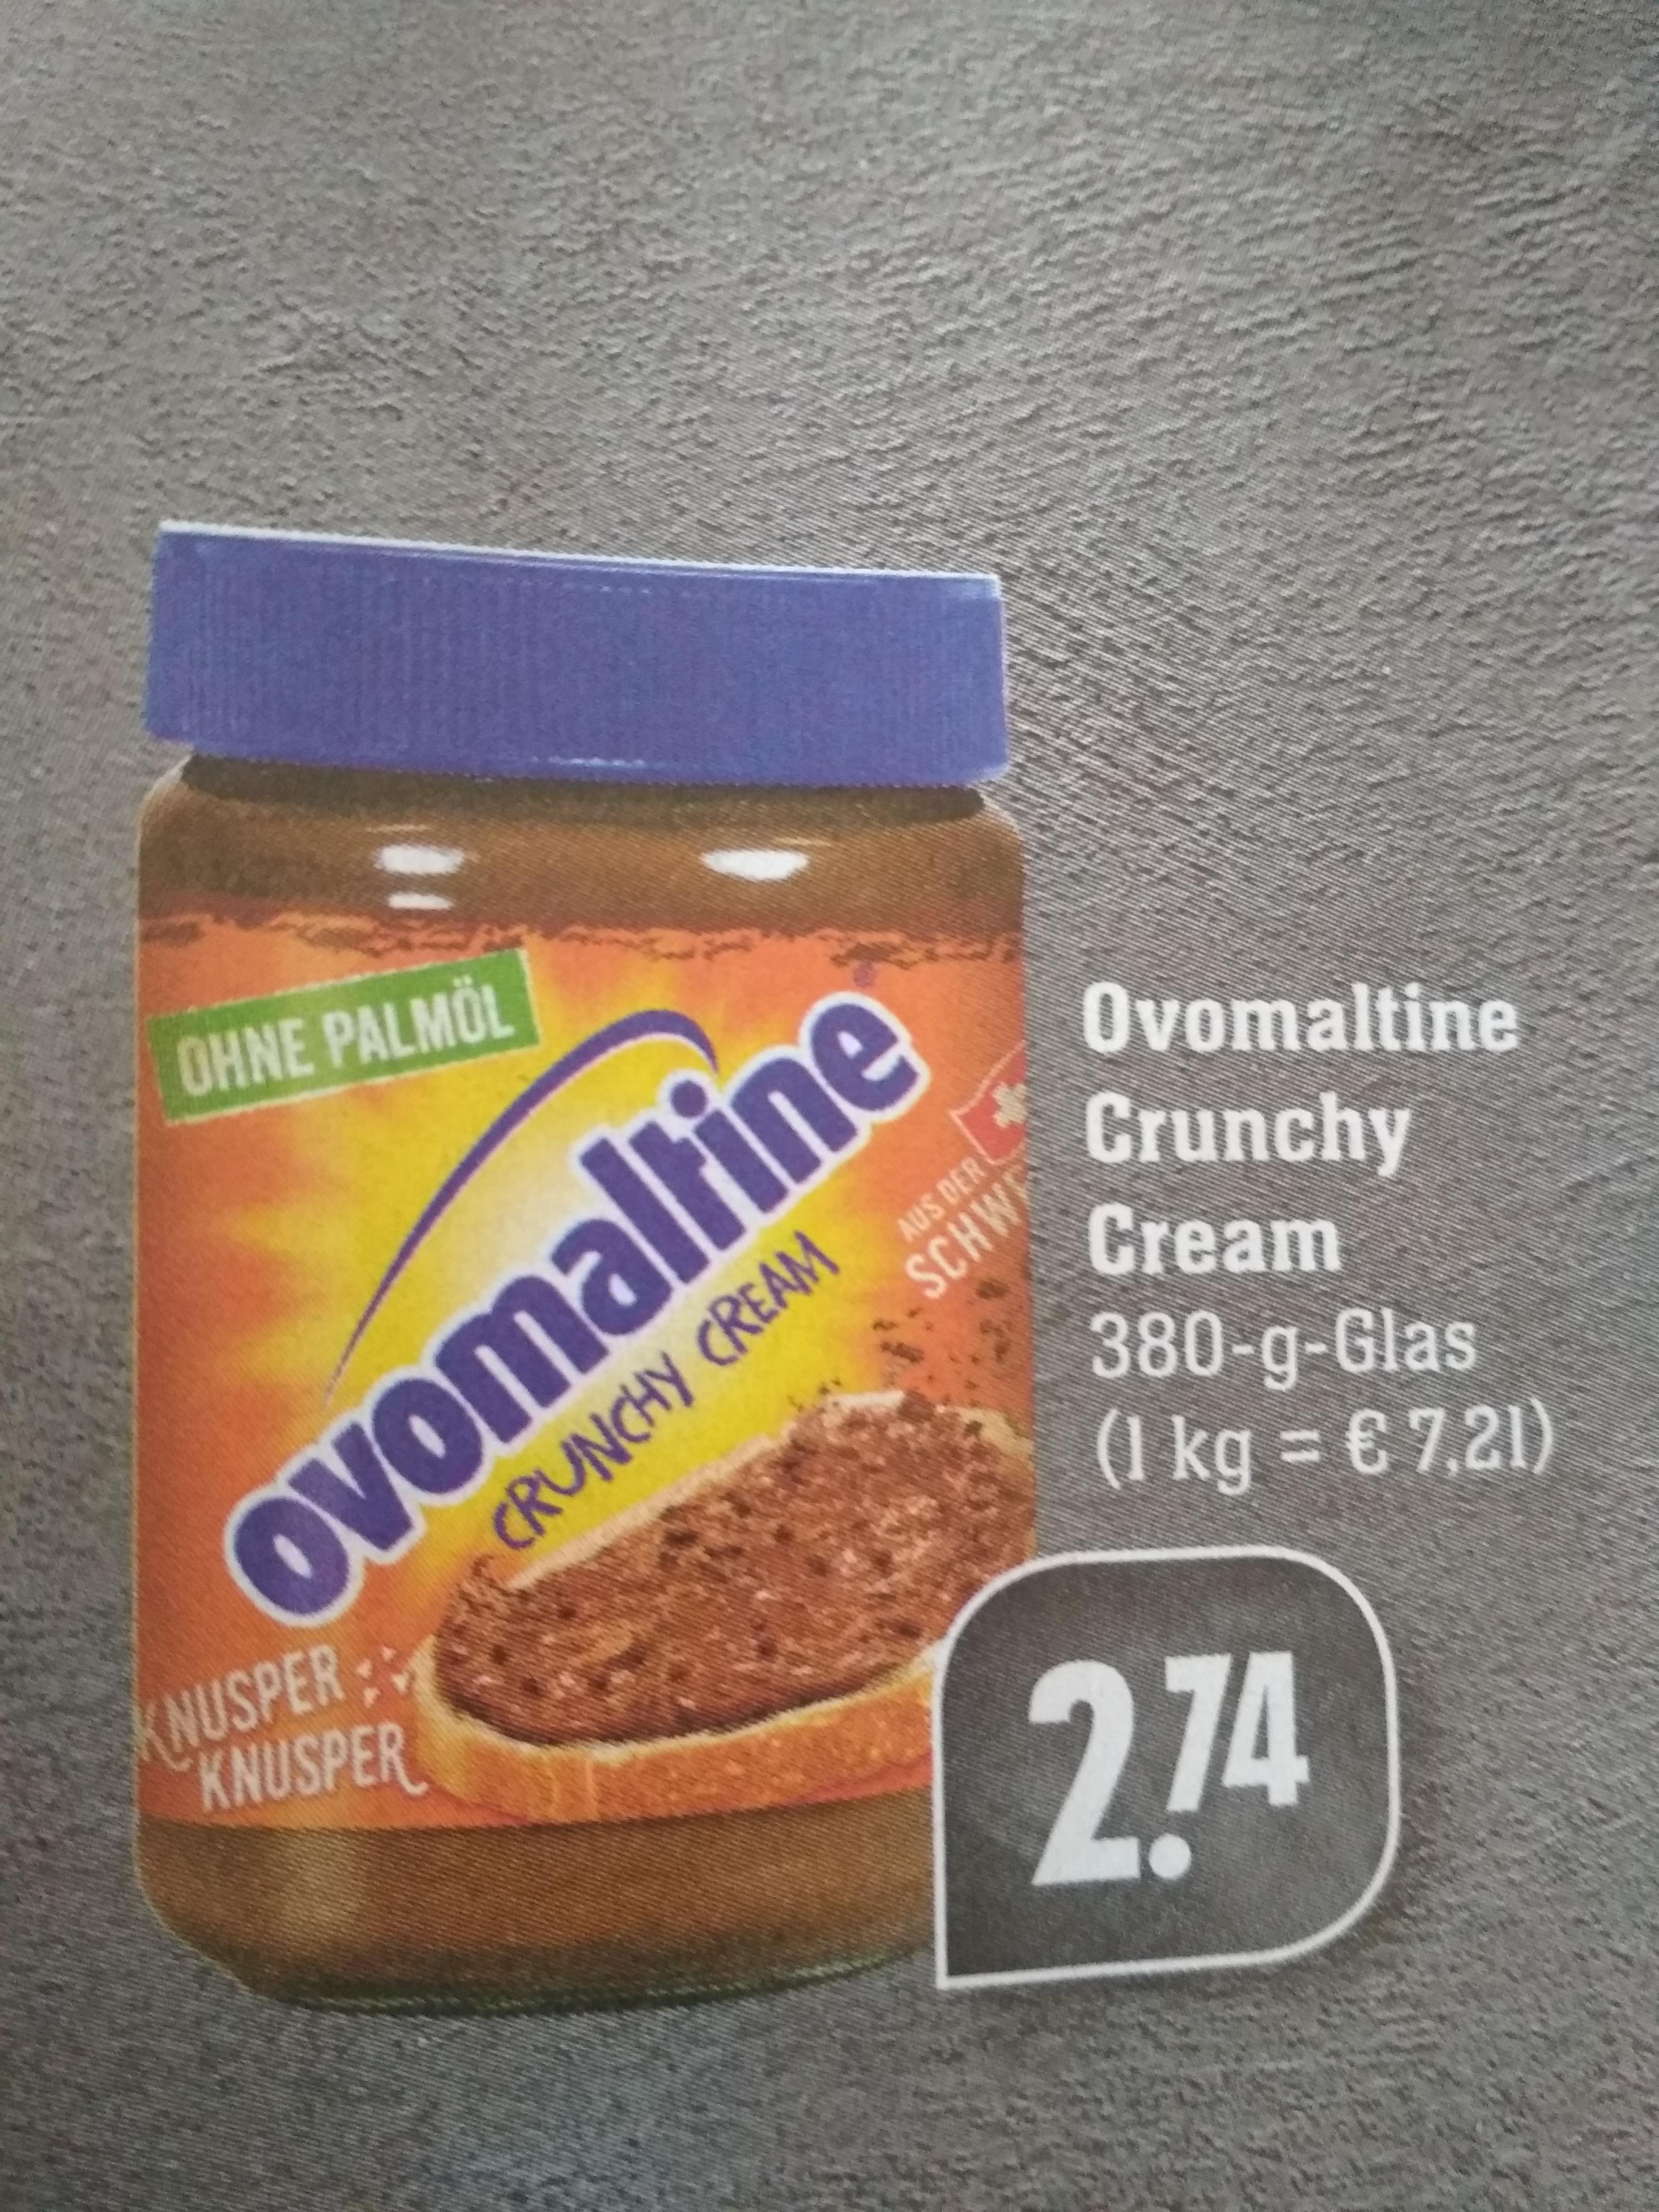 Ovomaltine Crunchy Cream 380 g für 2,74 € bei Edeka Südwest OHNE Palmöl